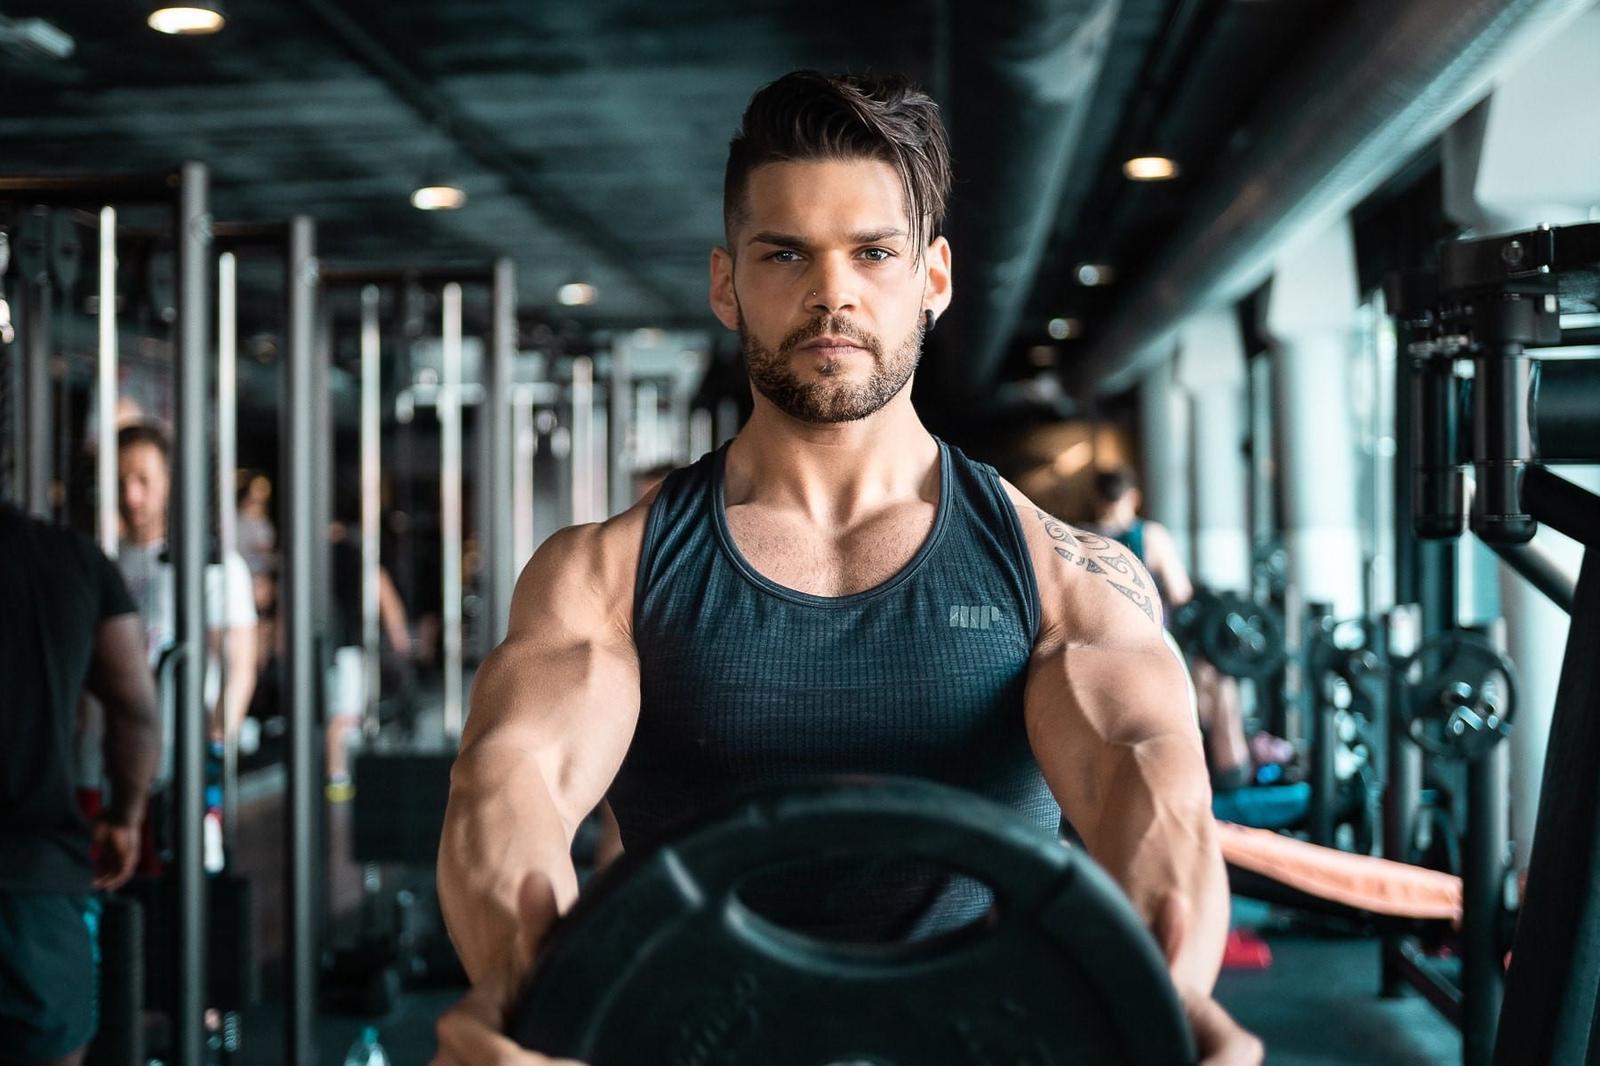 Back Training 101 | The 6 Best Back Strengthening Exercises